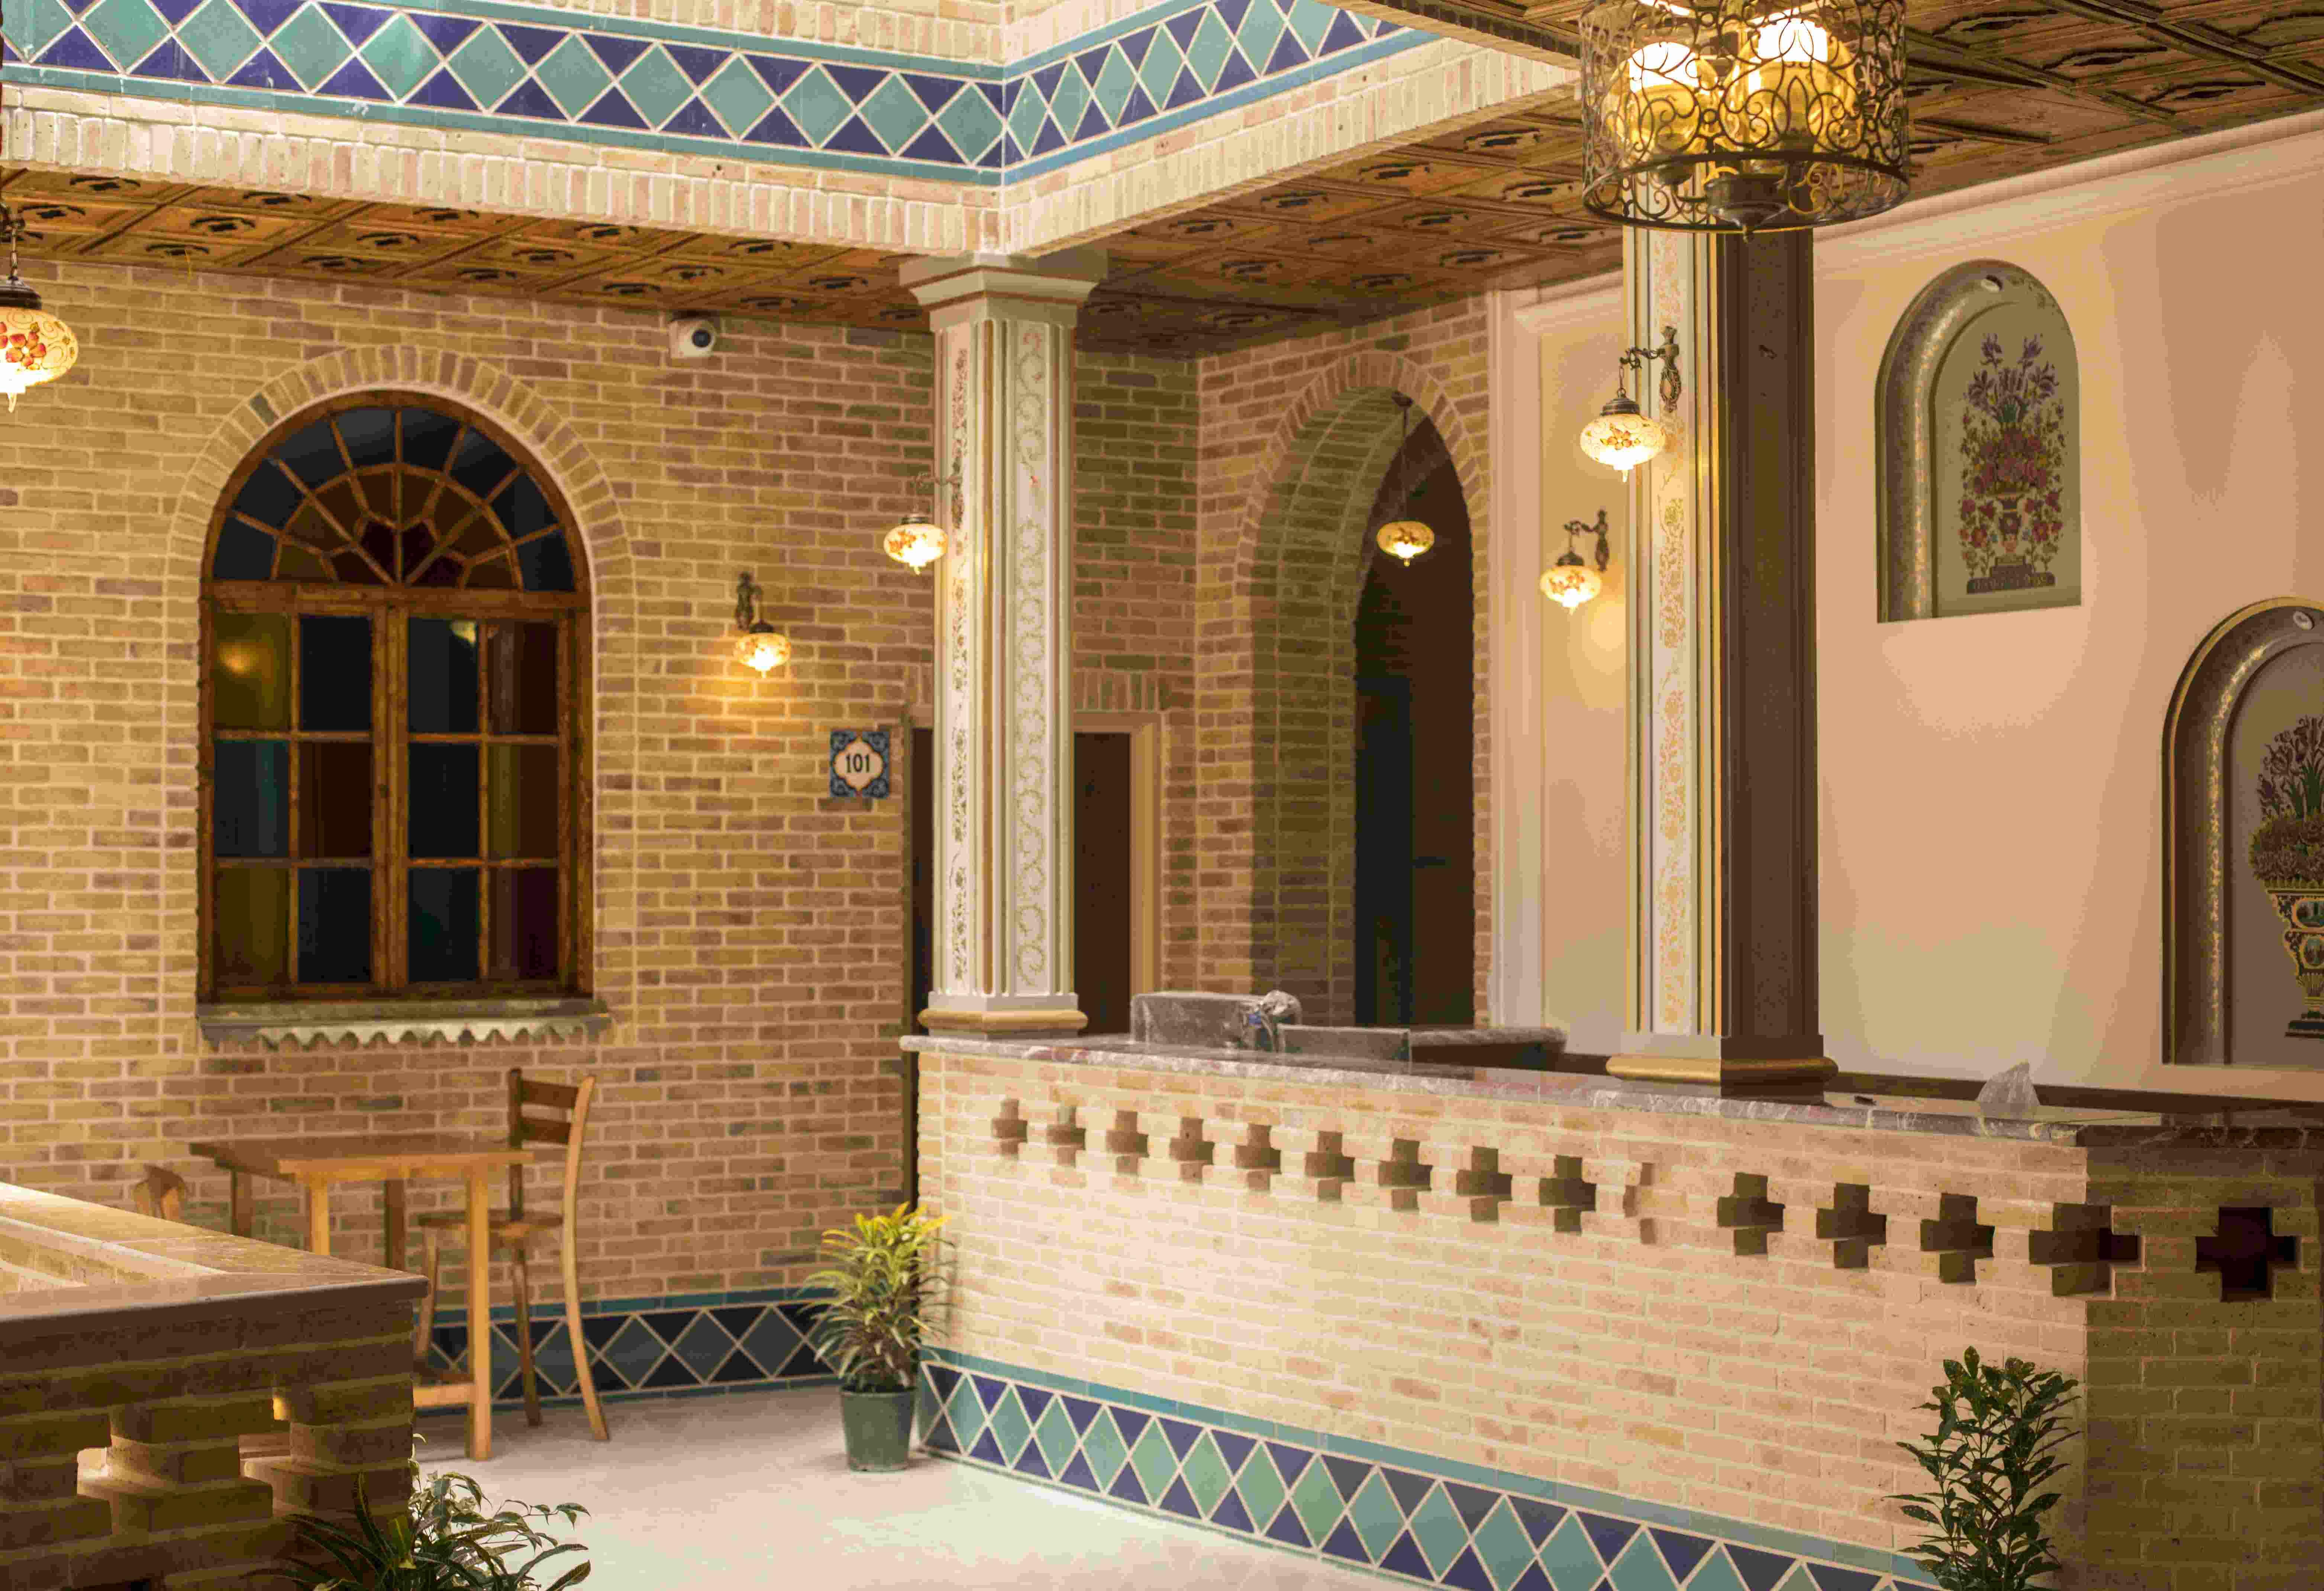 بوم گردی اقامتگاه بومگردی در شیراز - اتاق13